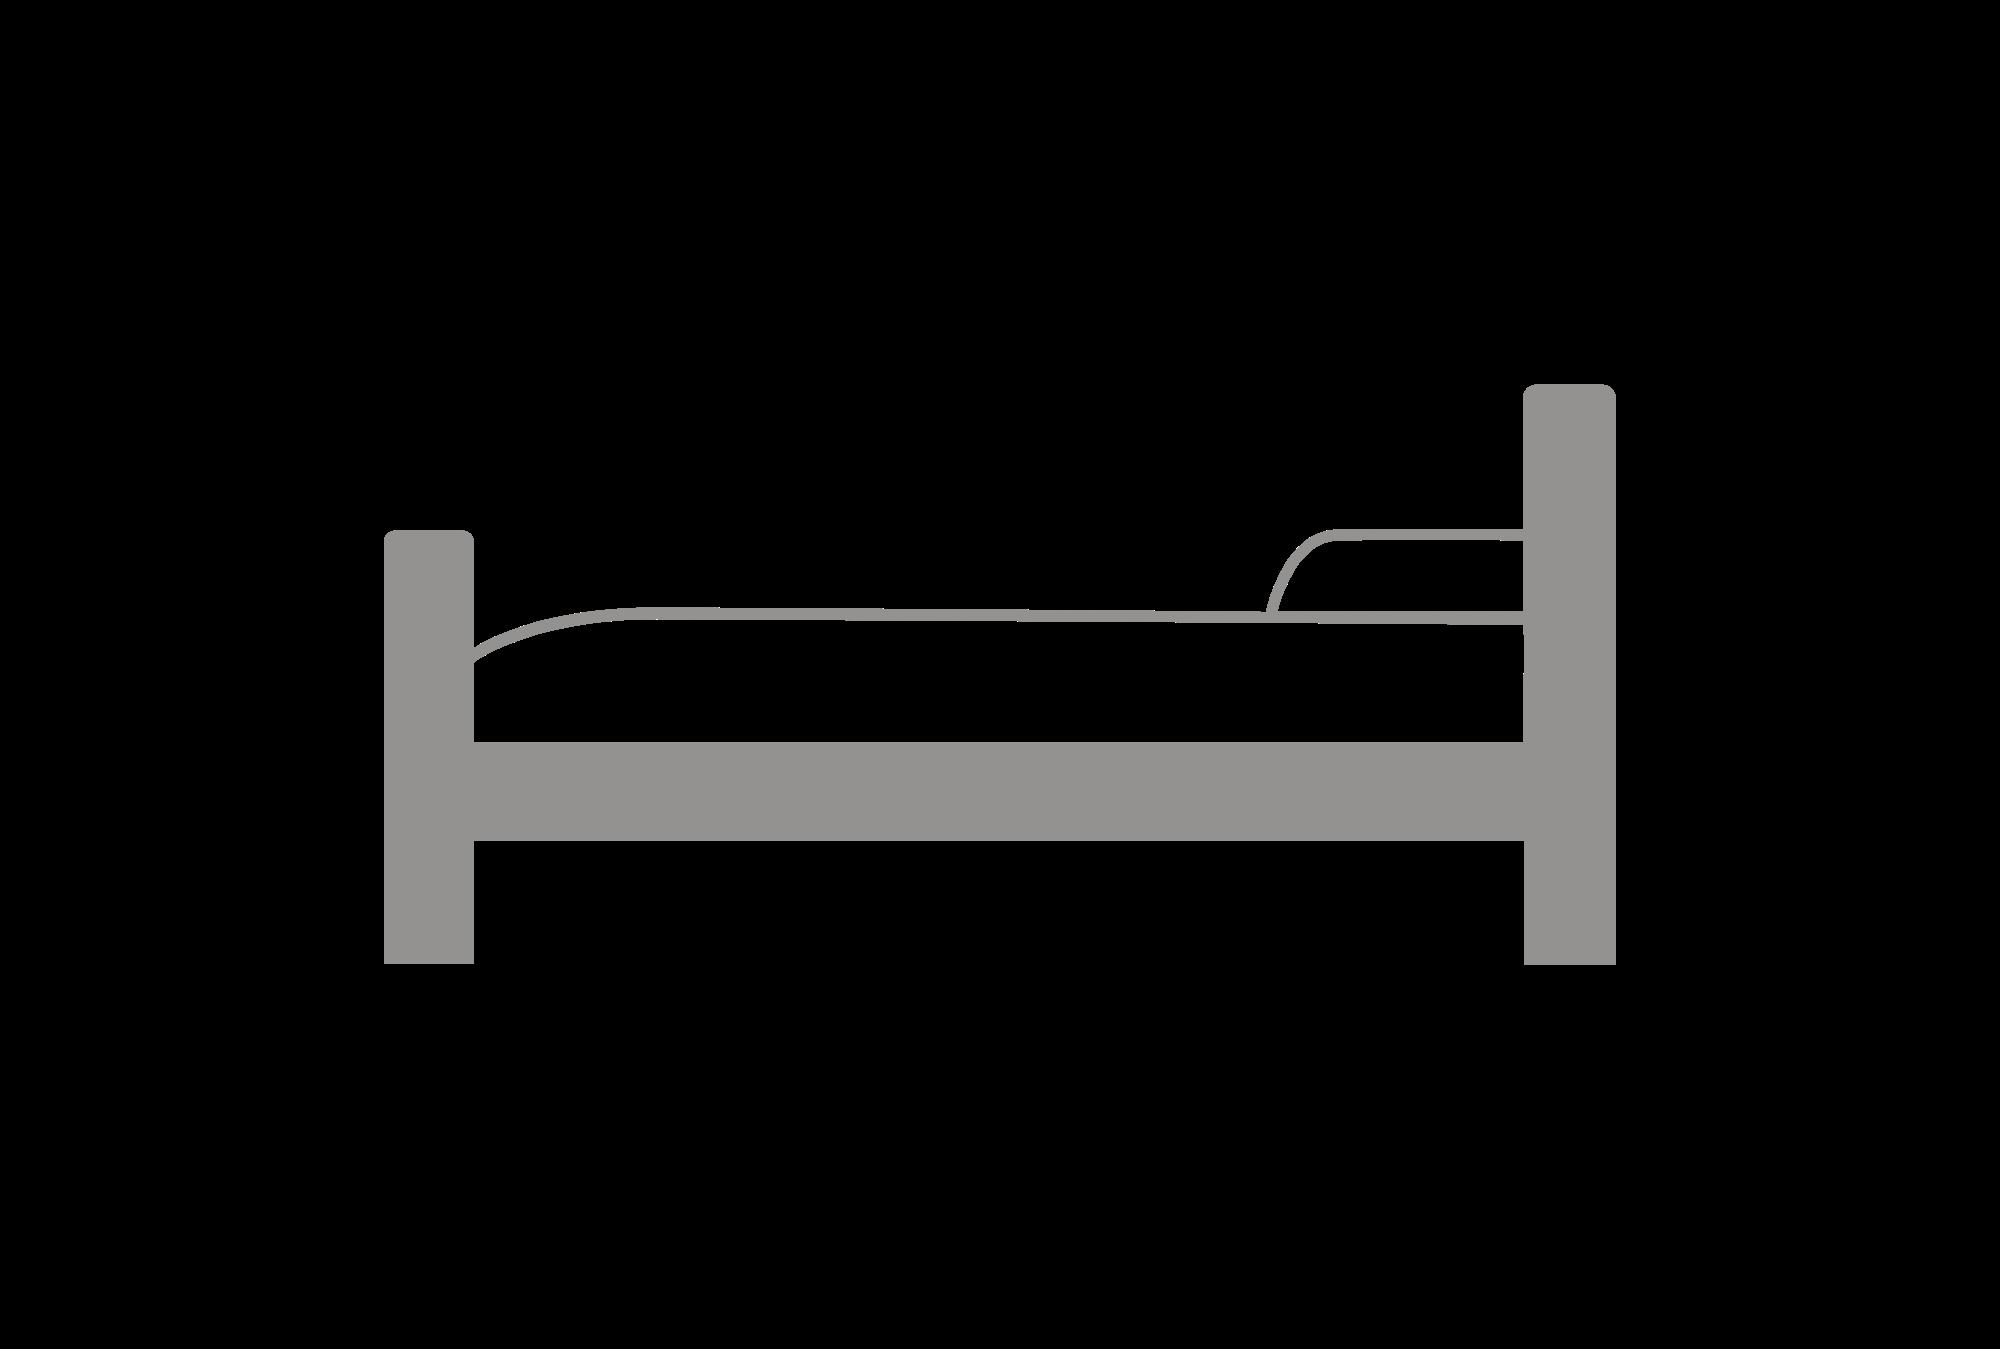 BedroomLogo.png